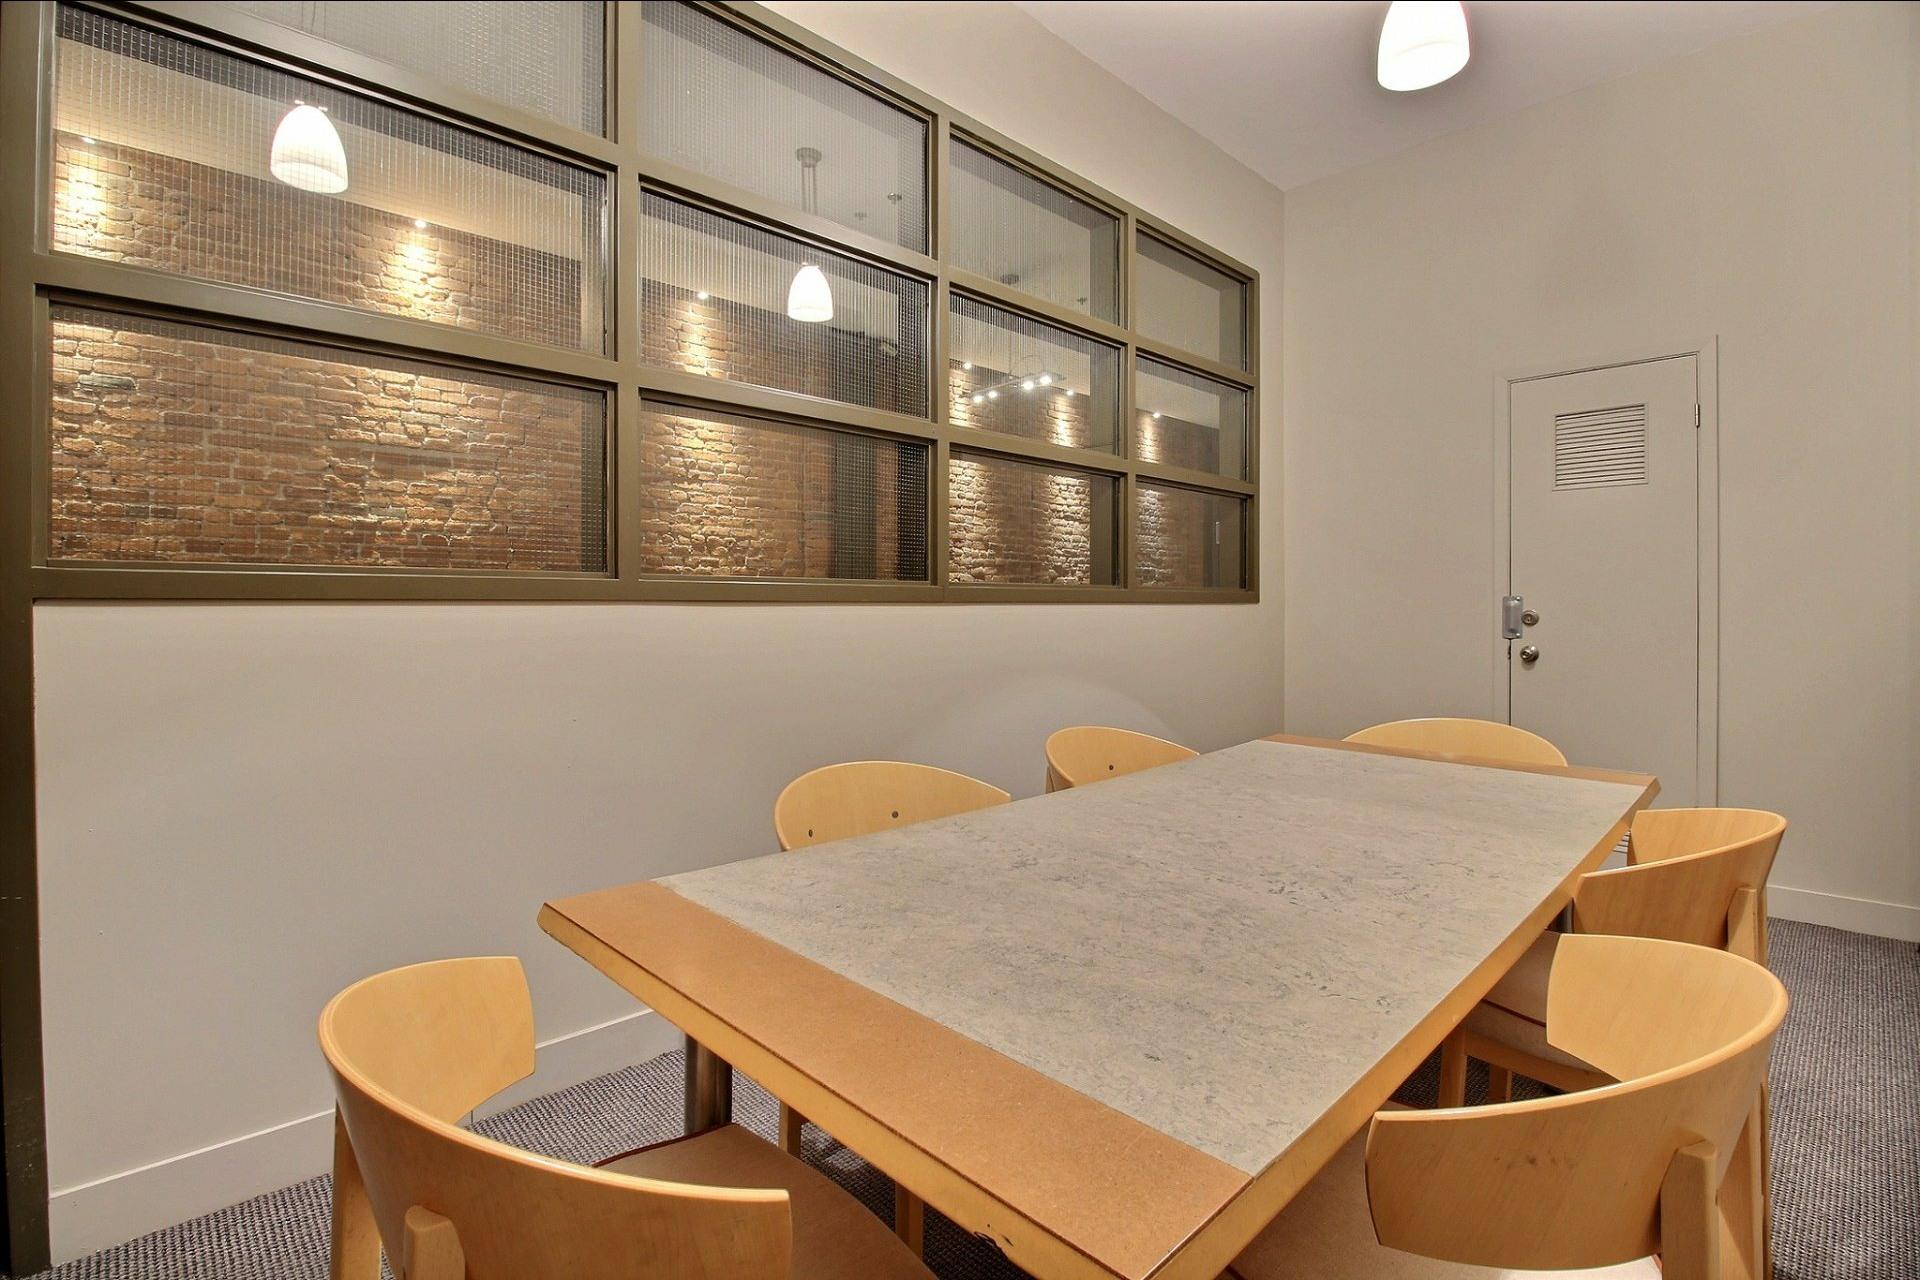 image 14 - Appartement À louer Montréal Ville-Marie  - 4 pièces